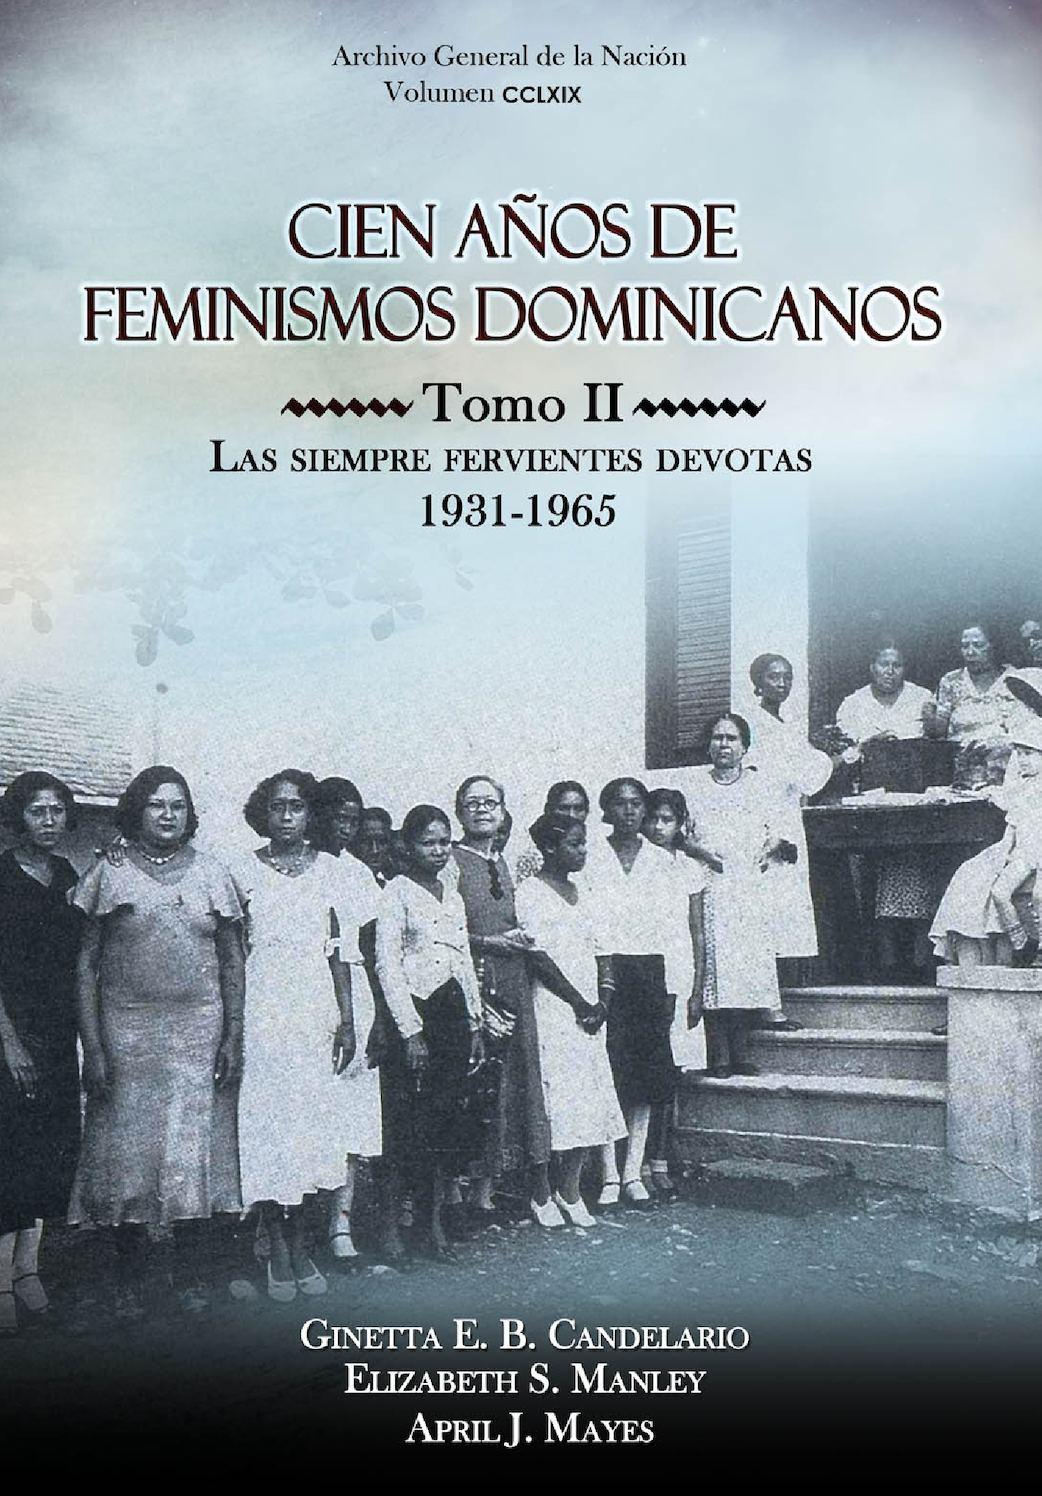 269 Dominicanos 2 Cien Feminismos Las De Calaméo Tomo Siempre Anos hdsrxtBCQ